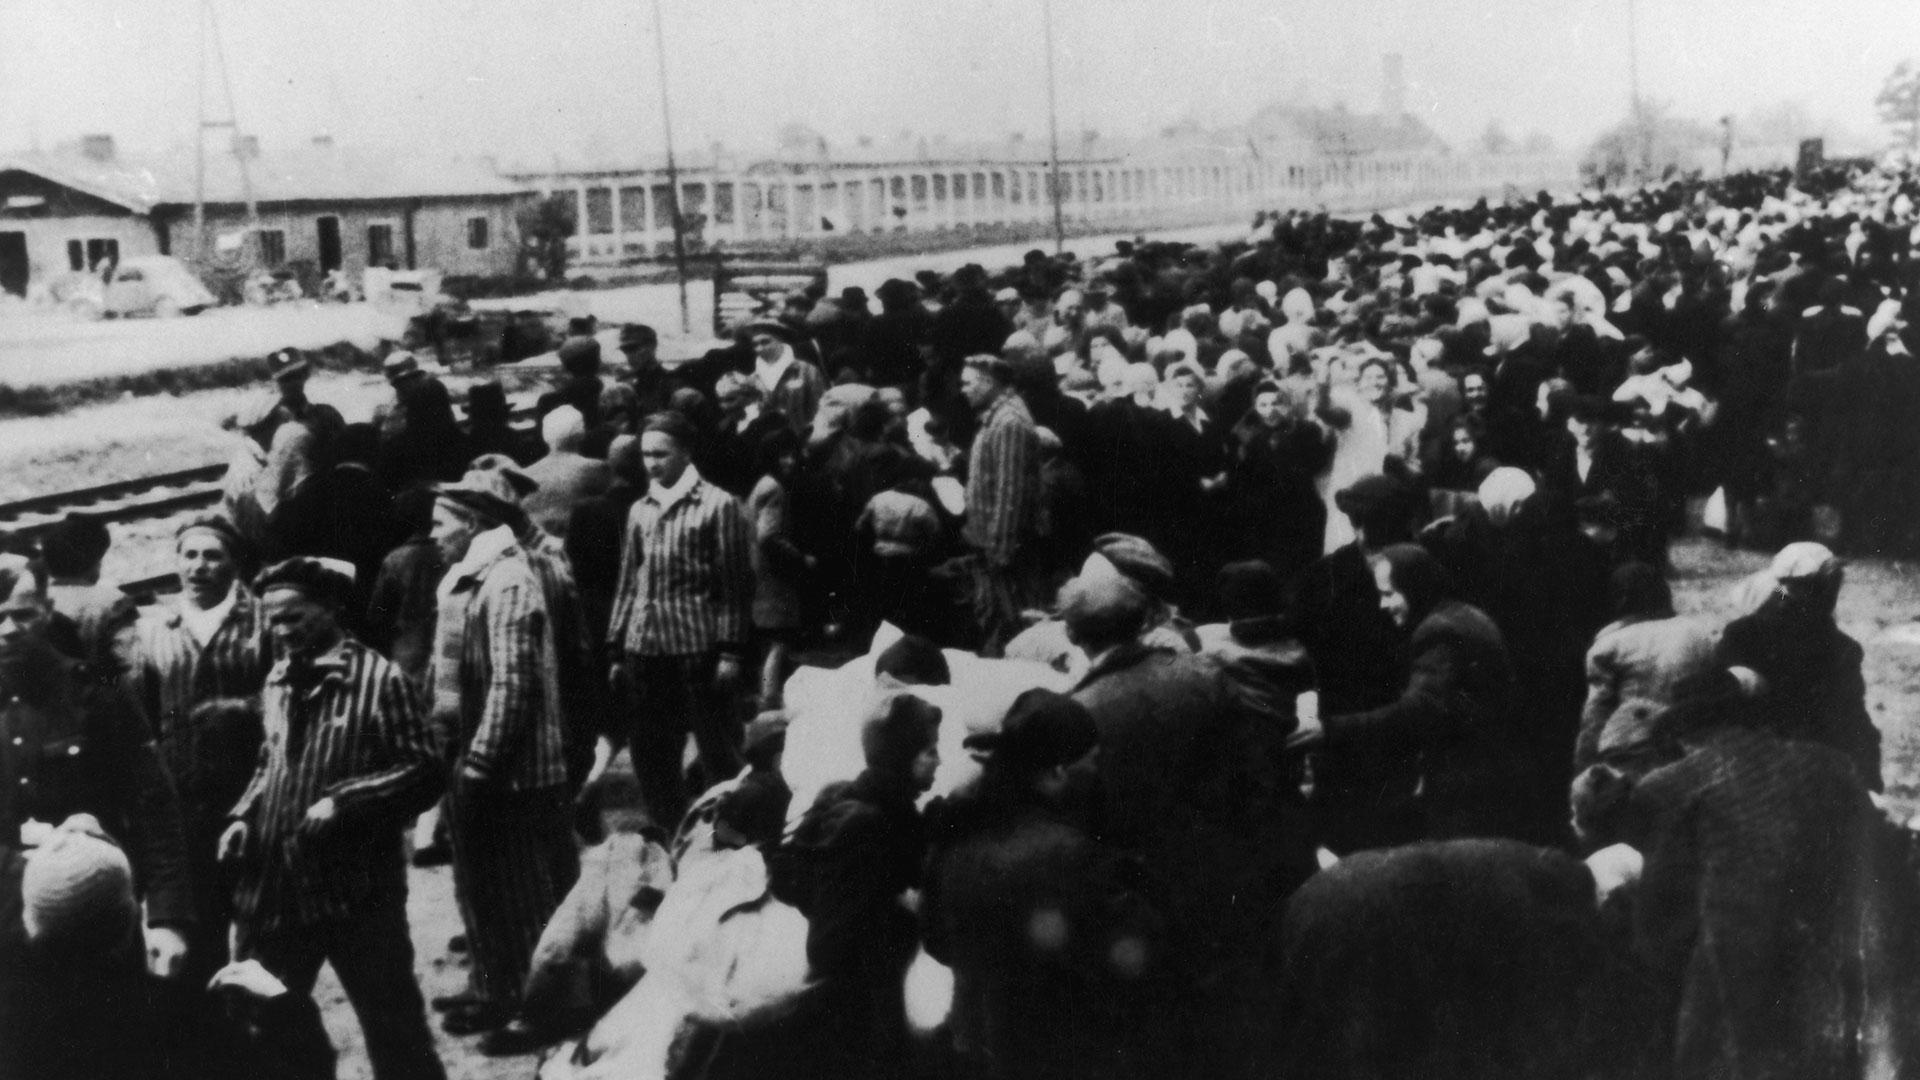 Algunas veces, al bajar del tren, los prisioneros eran dirigidos directamente a las cámaras de gas (Getty Images)